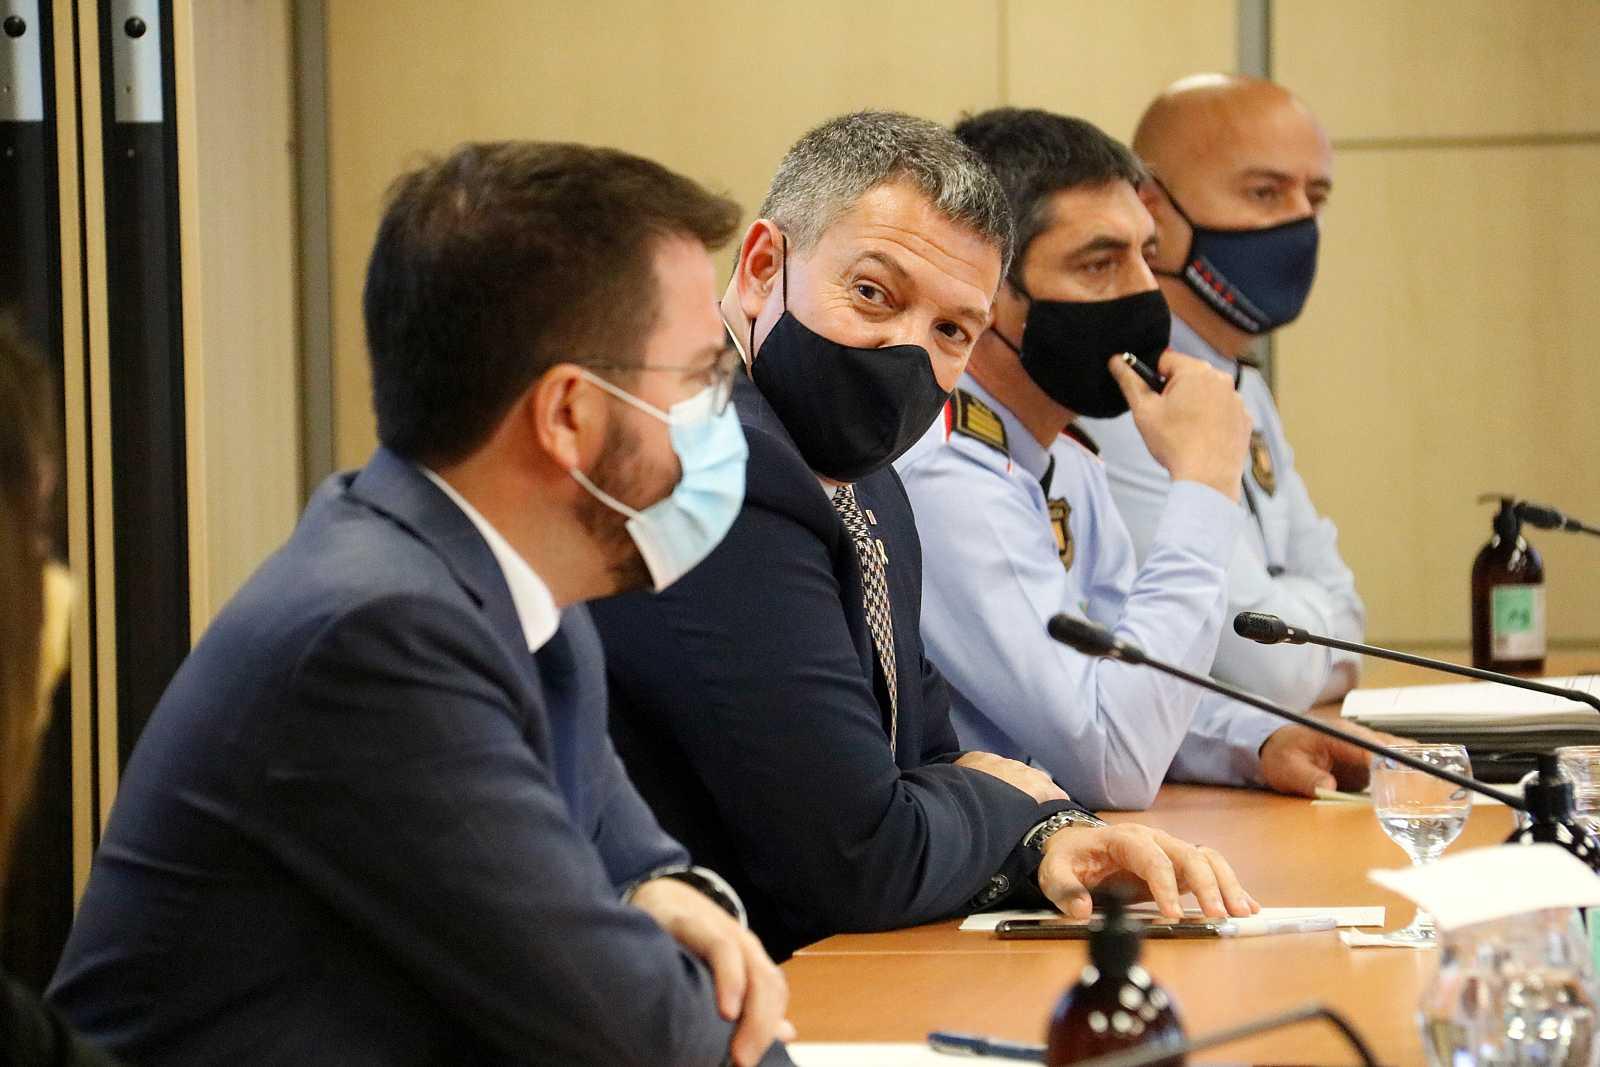 Sàmper i Colau mostren la unitat institucional per rebuitjar la violència dels darrers dies a Barcelona